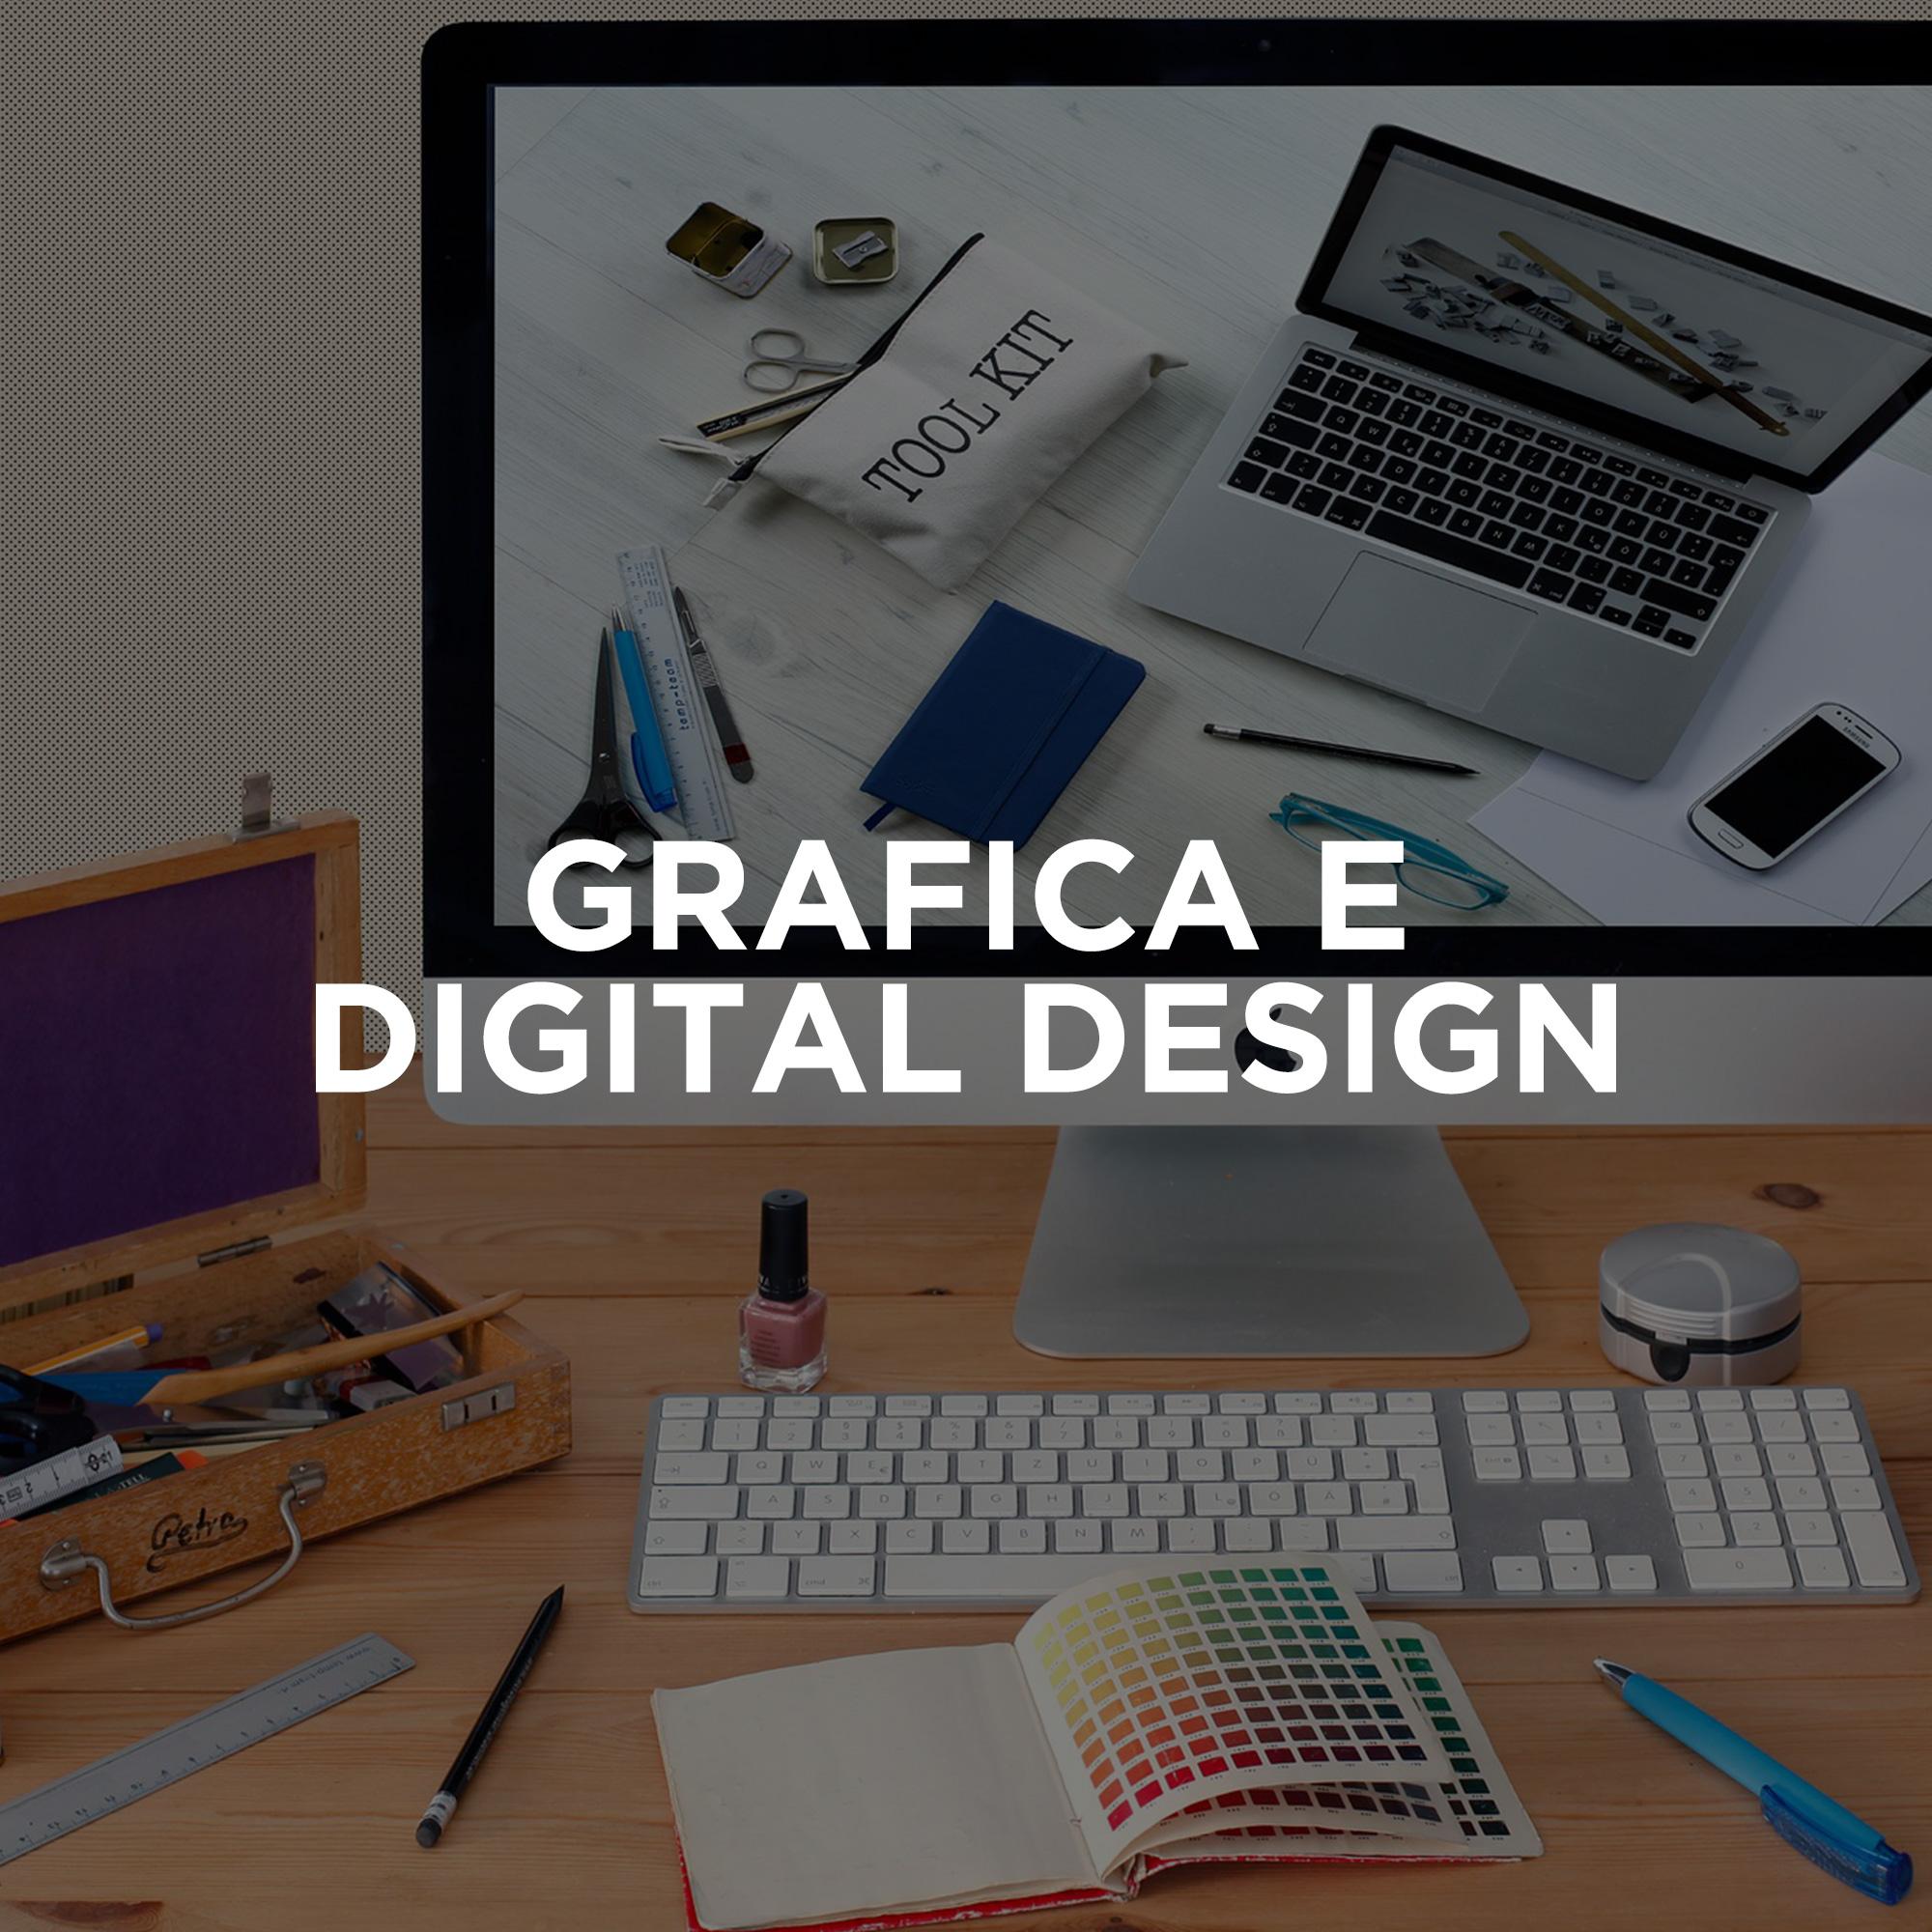 Grafica e digital design